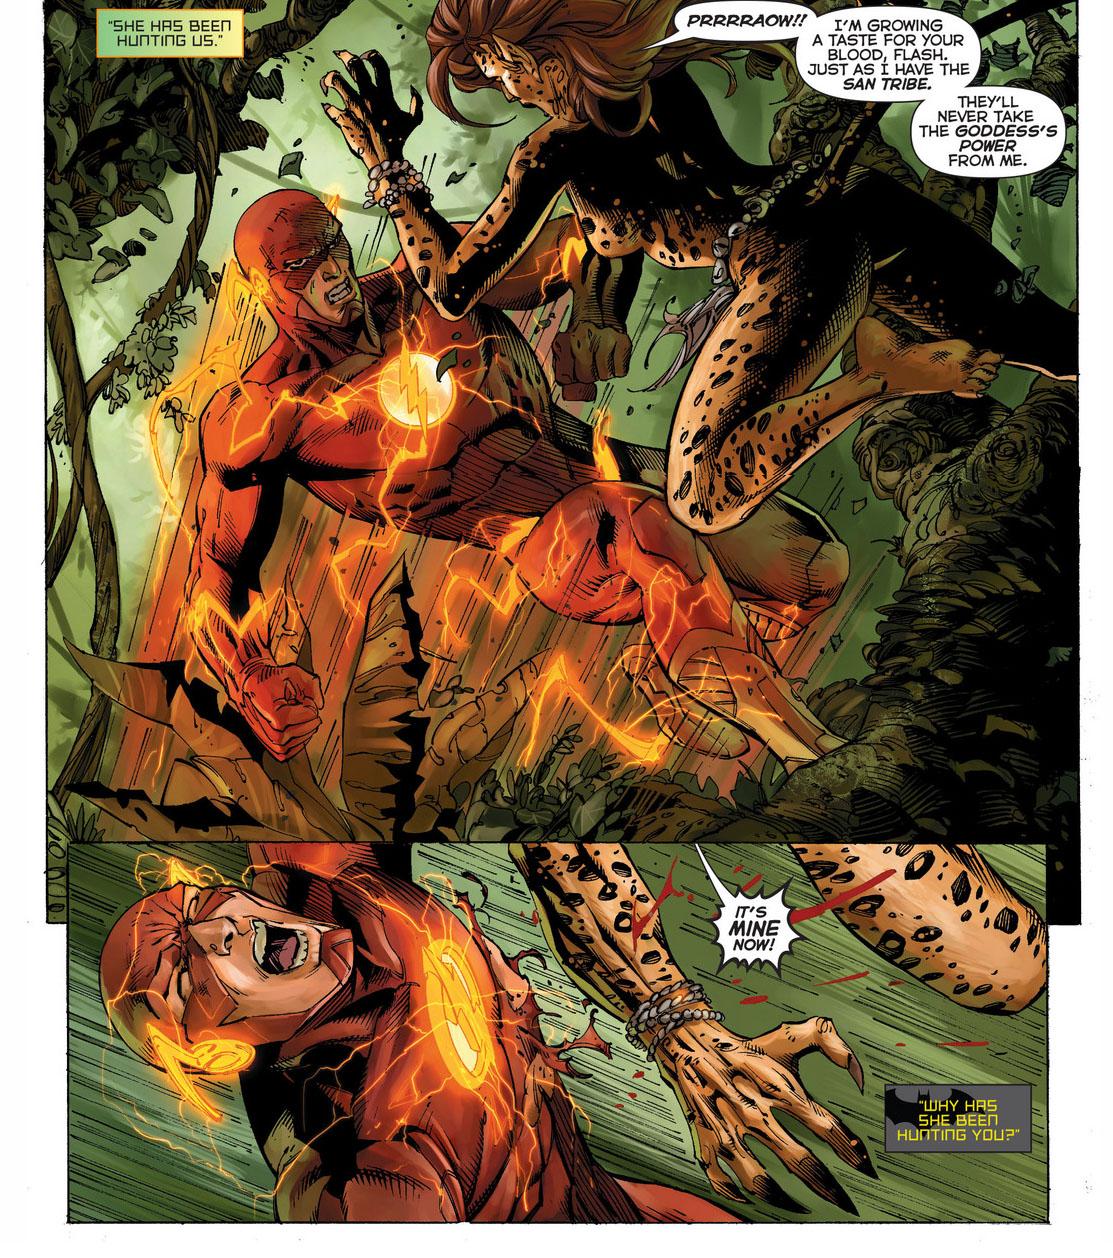 the flash, wonder woman and aquaman vs the cheetah 1